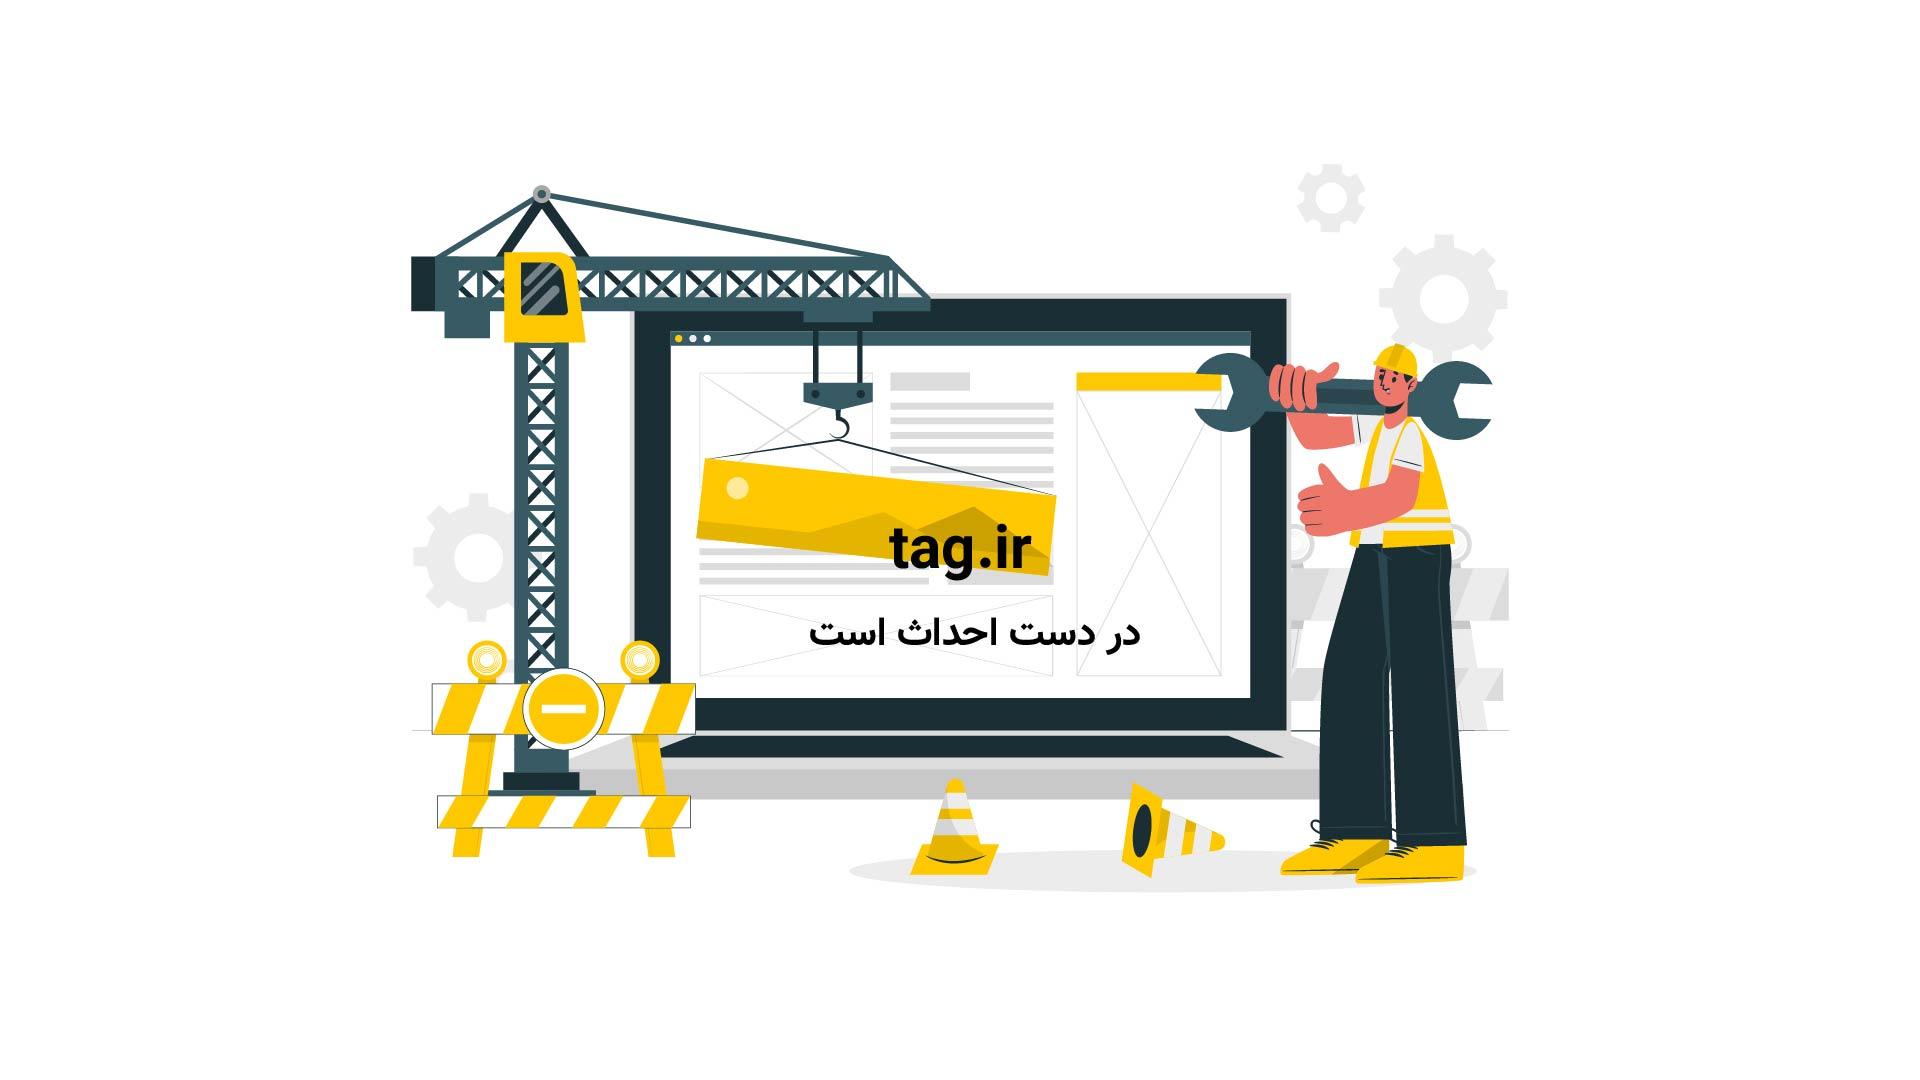 نقاشی سه بعدی گیلاس   تگ